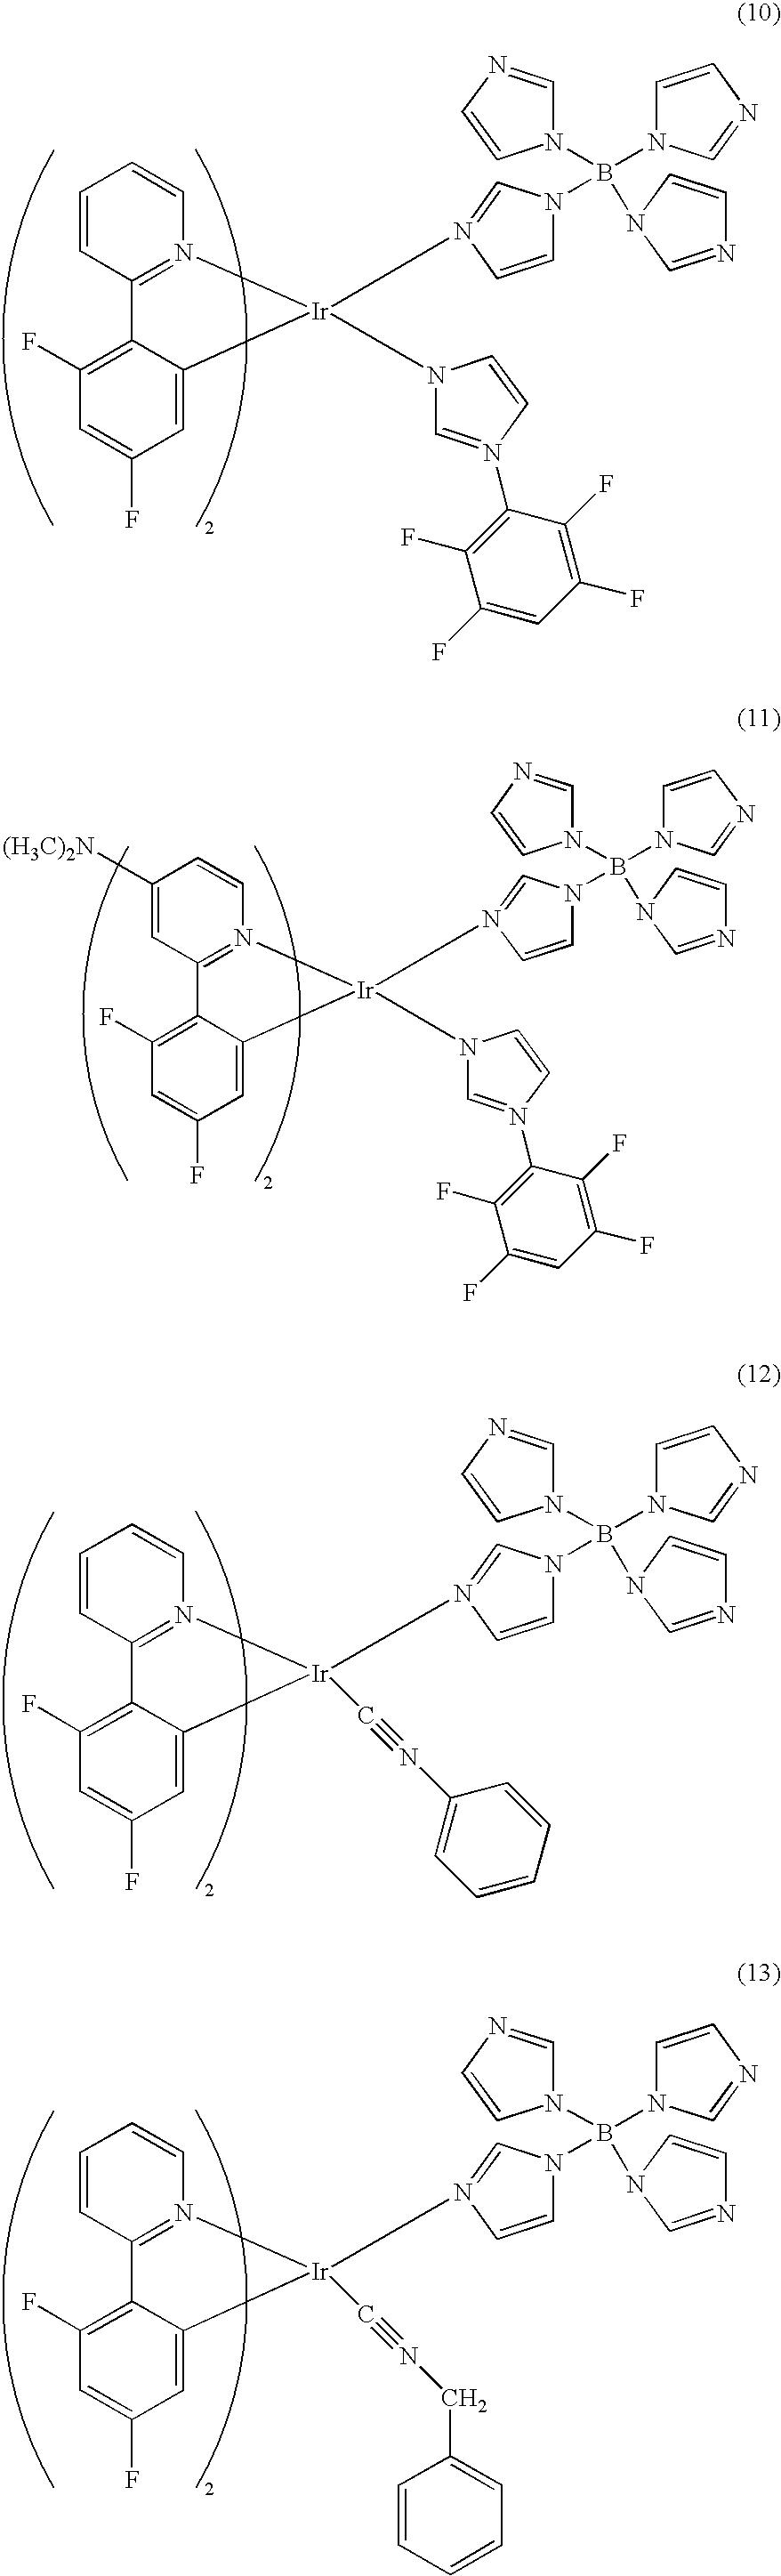 Figure US20060177695A1-20060810-C00029